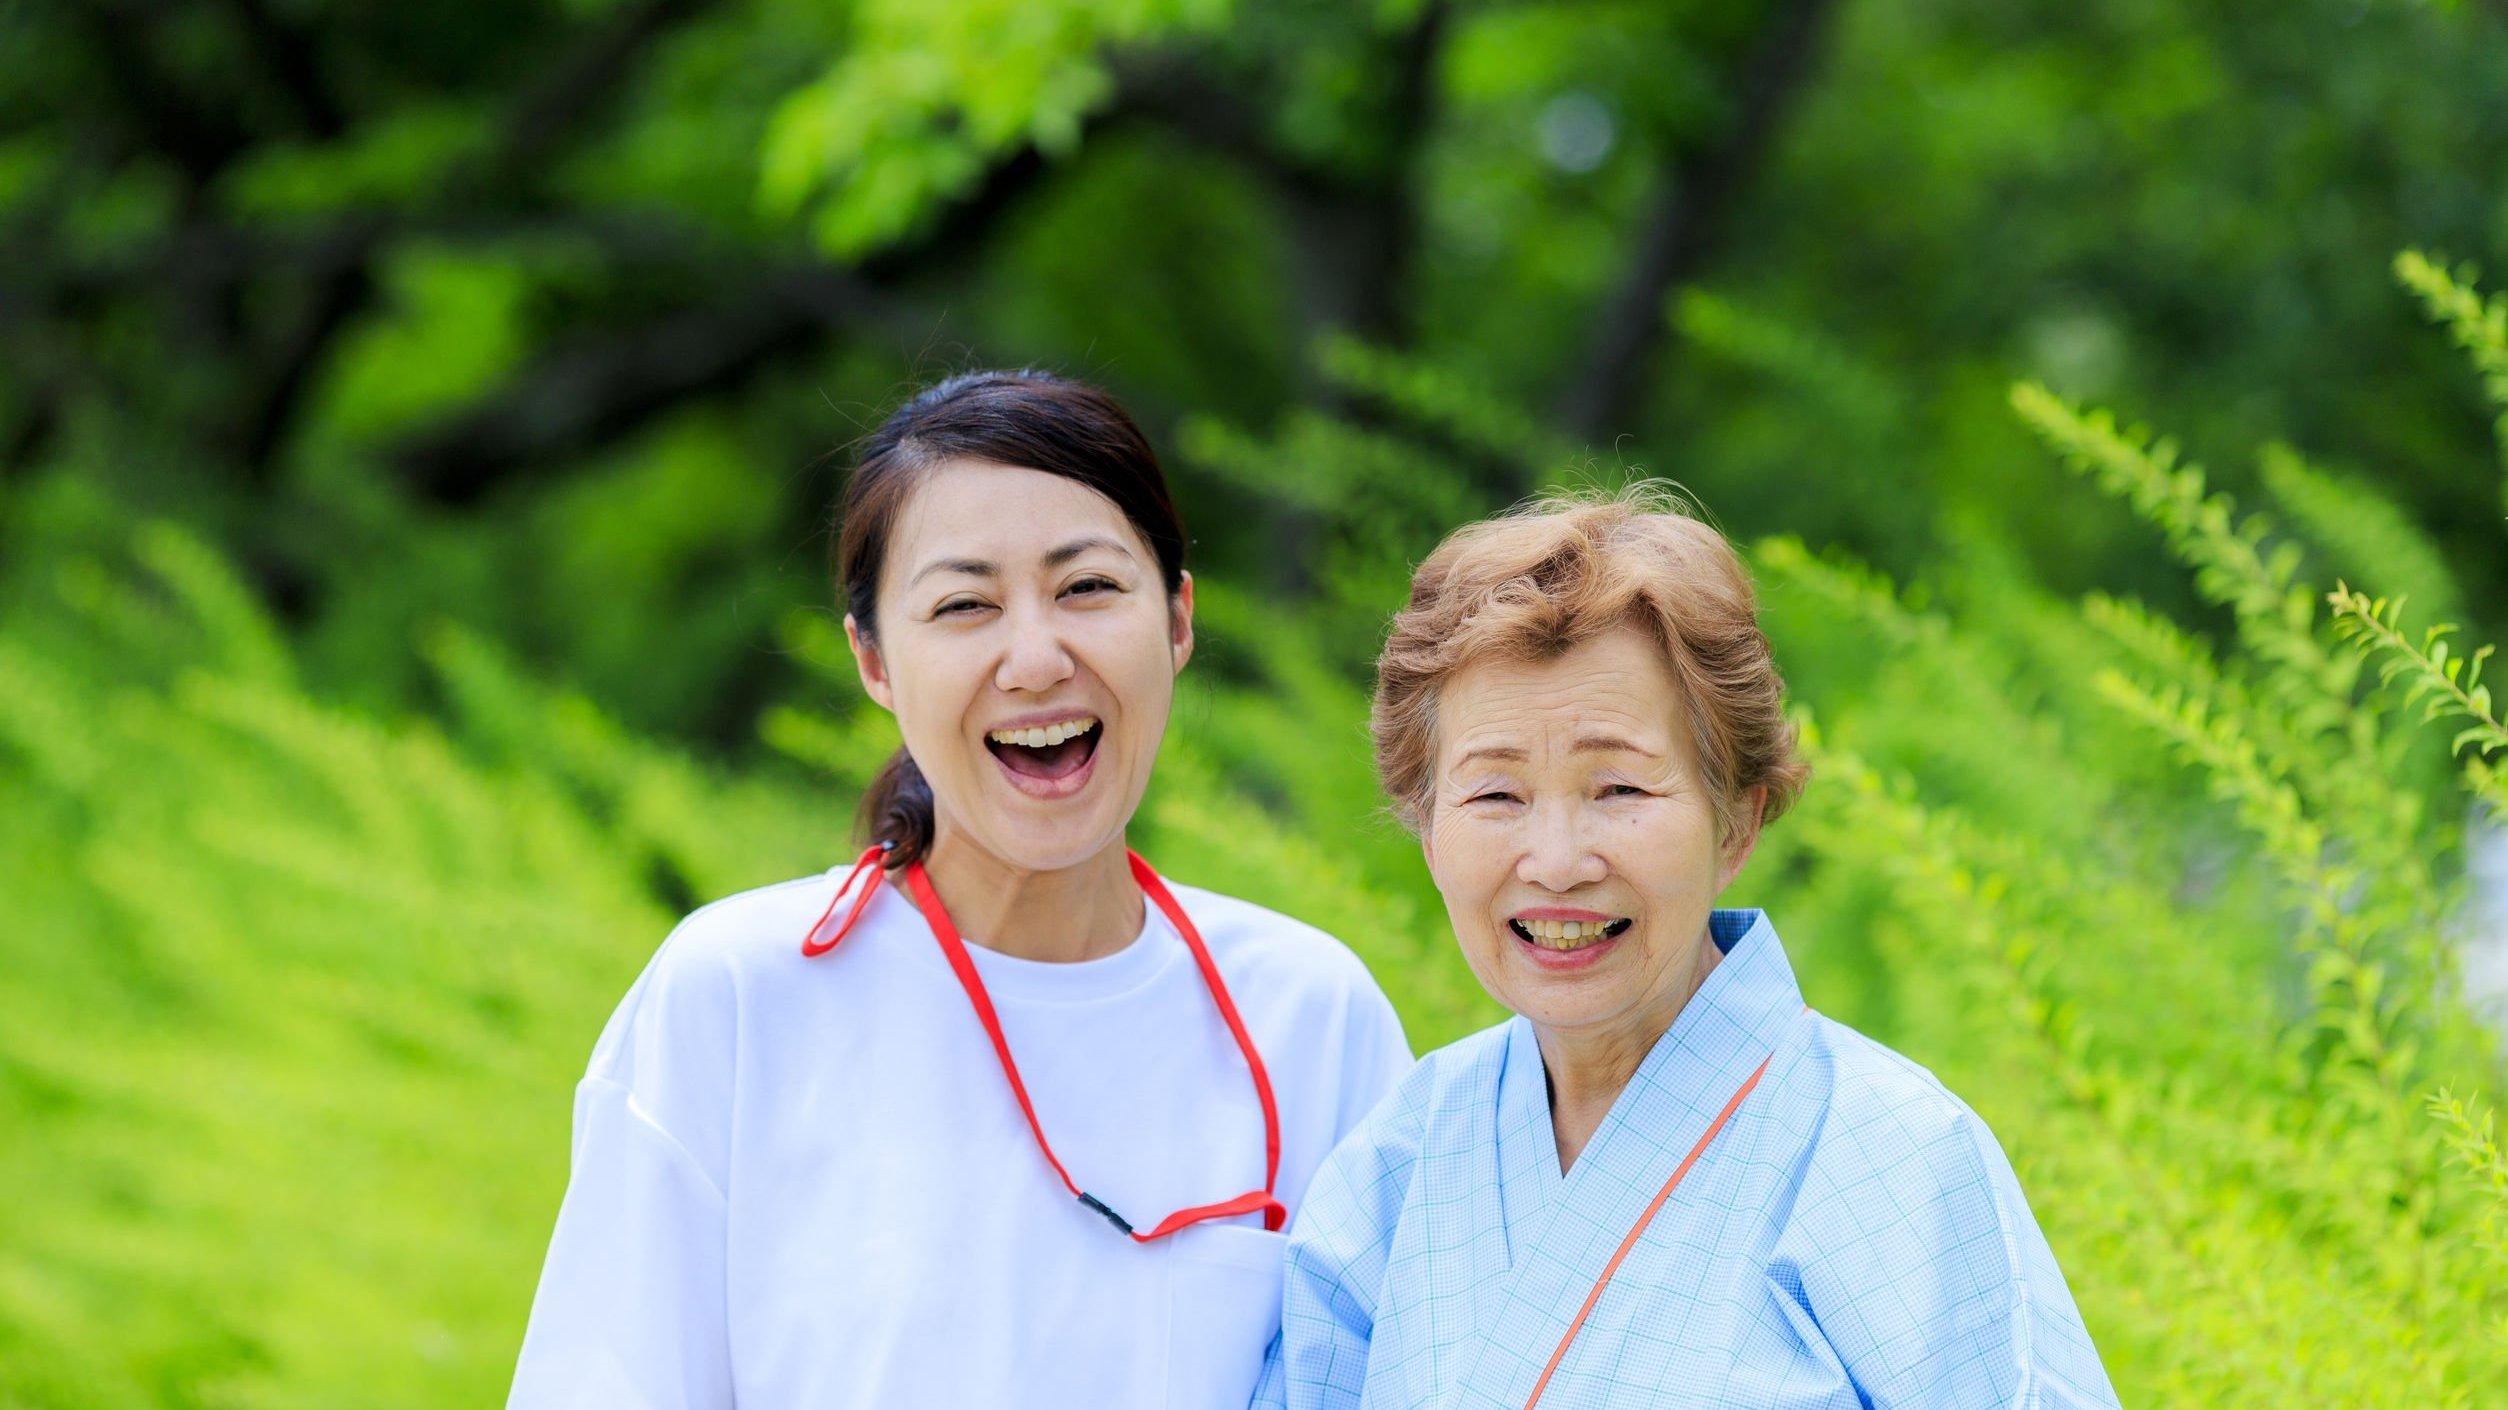 Cuidadora e idosa em foto sorrindo.